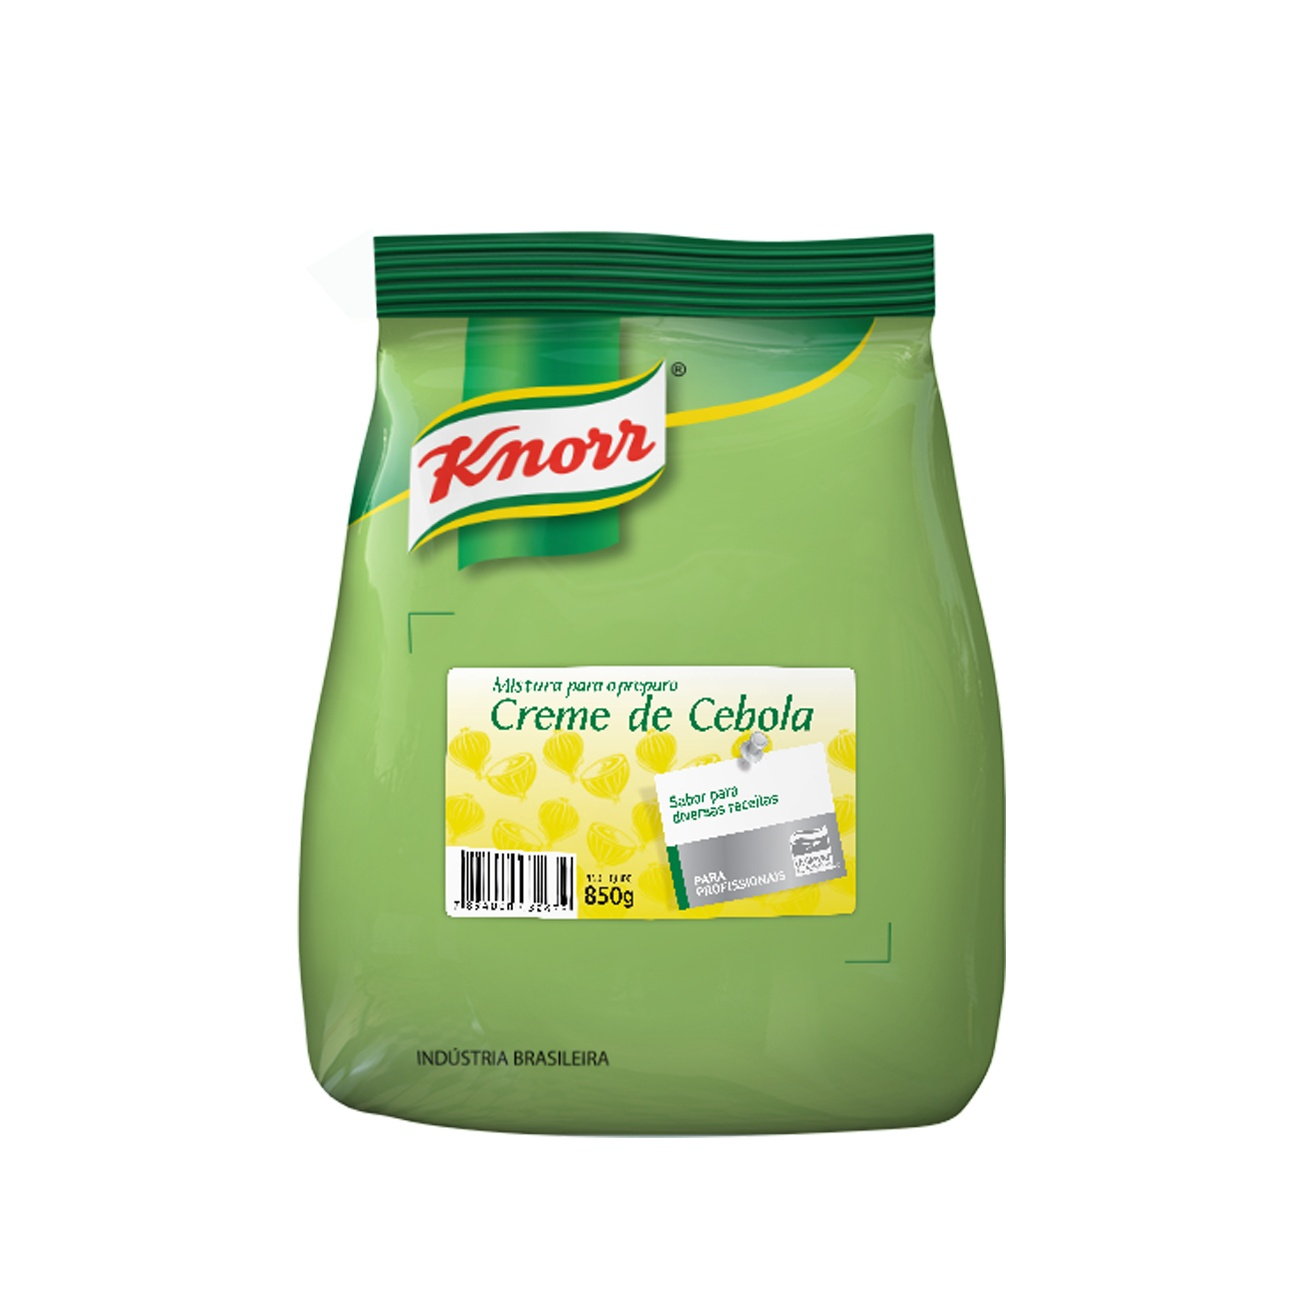 Creme de Cebola Knorr 850g